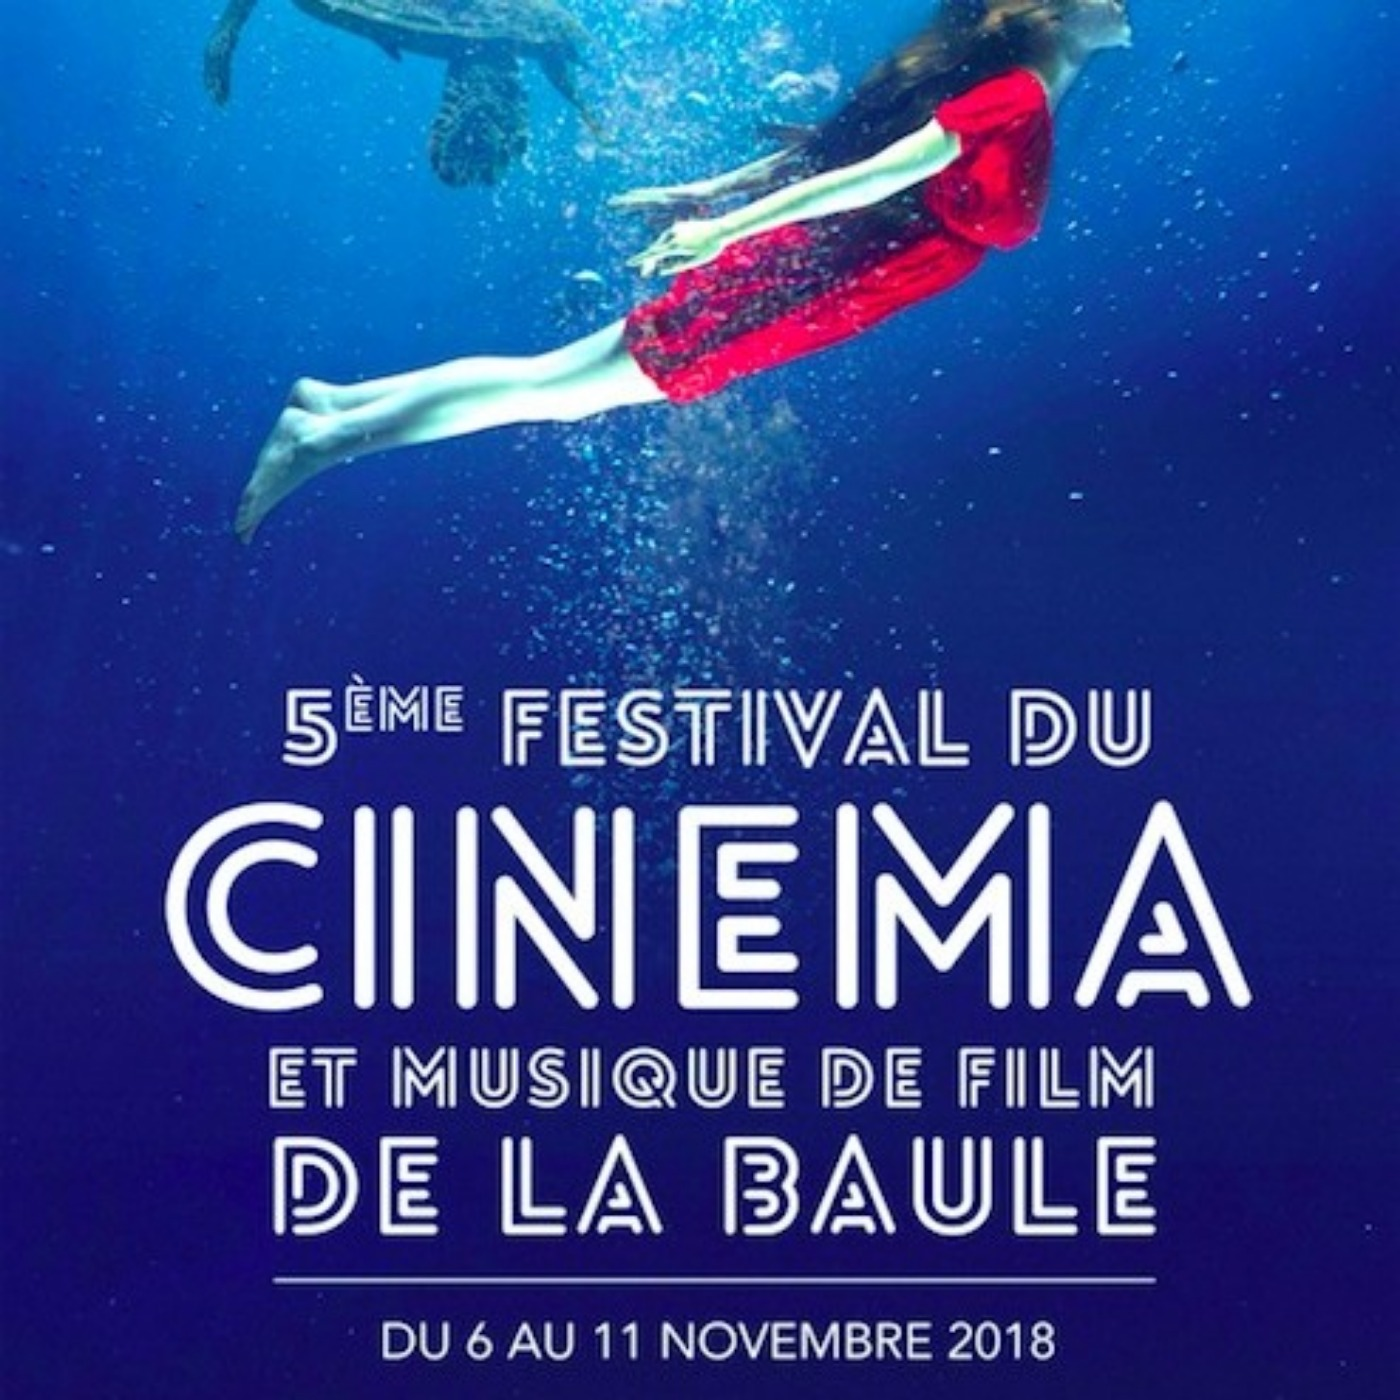 CinéMaRadio Aime le 5eme festival du cinéma et musique de film de la Baule | JOUR 6